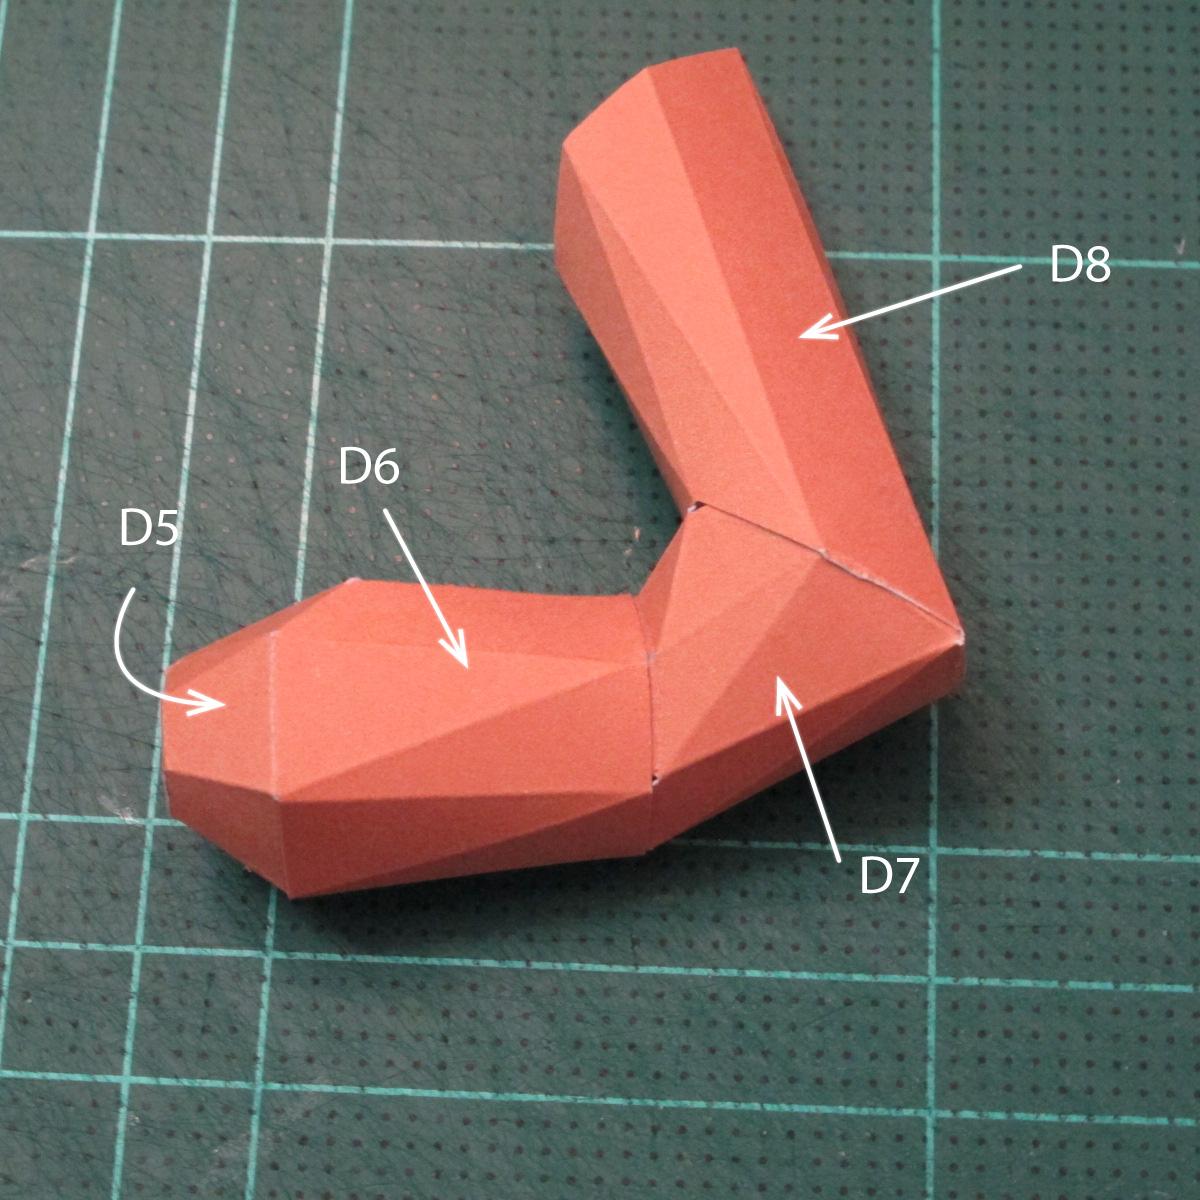 วิธีทำโมเดลกระดาษตุ้กตาคุกกี้รัน คุกกี้รสจิ้งจอกเก้าหาง (Cookie Run Nine Tails Cookie Papercraft Model) 010